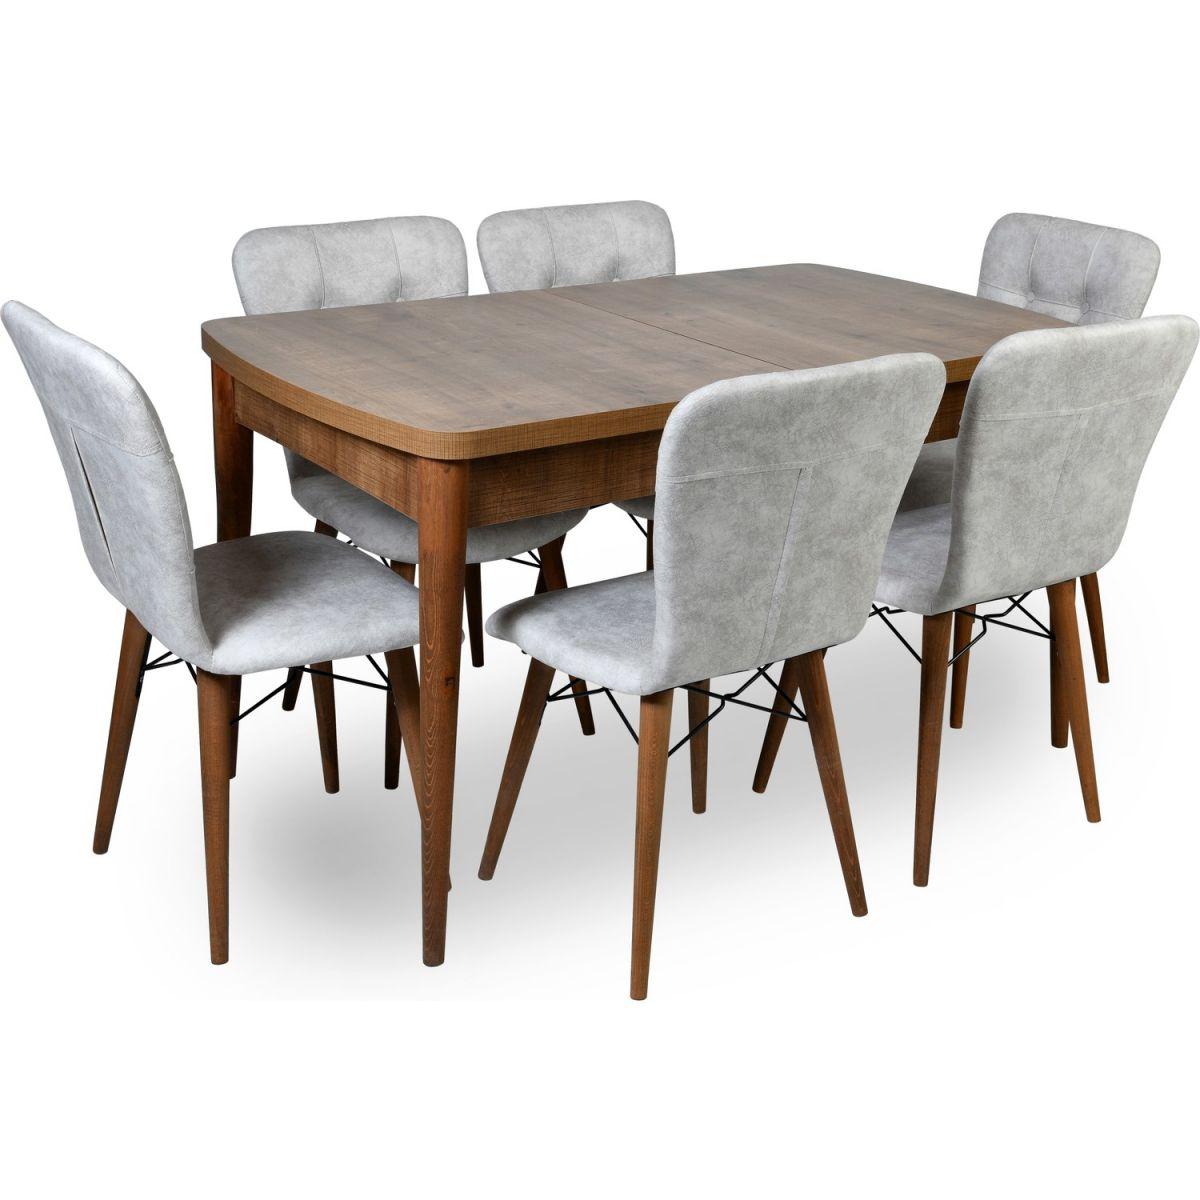 Set masa extensibila cu 4 scaune tapitate Homsnuc/bej 110 x 70 cm picioare lemn